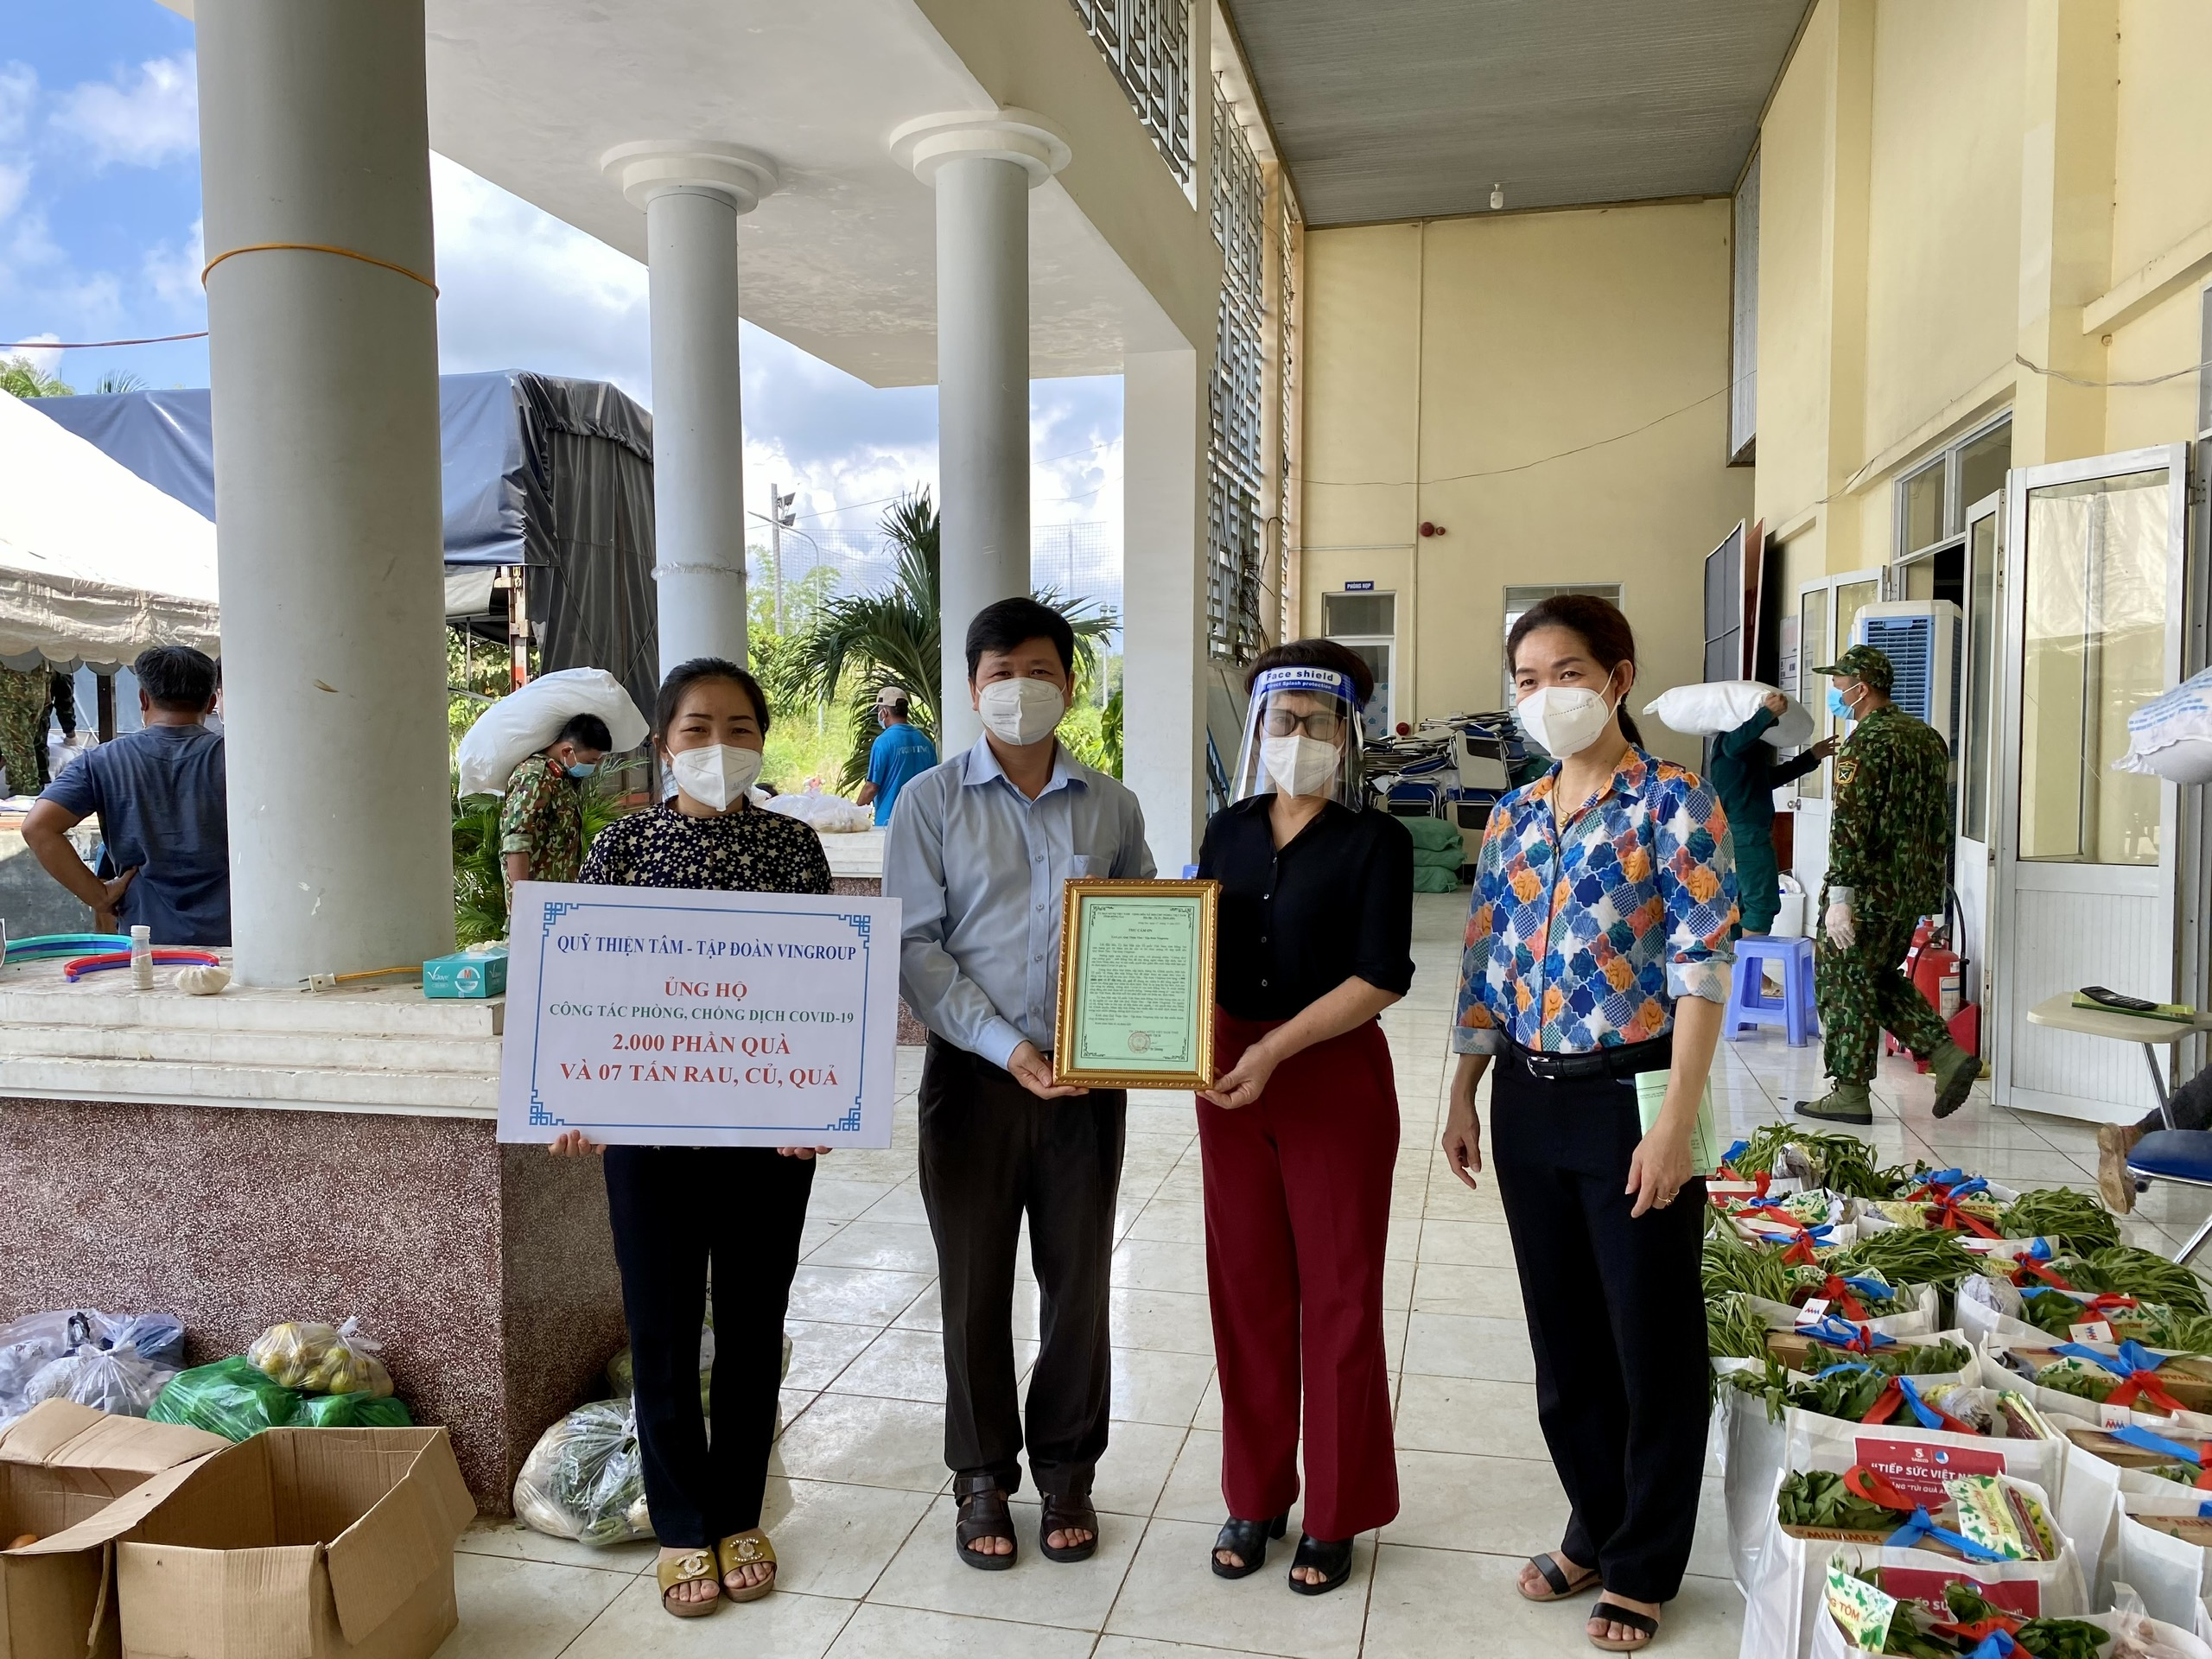 Quỹ Thiện Tâm - Tập đoàn VINGROUP trao tặng quà cho người dân khó khăn tại xã Thạnh Phú